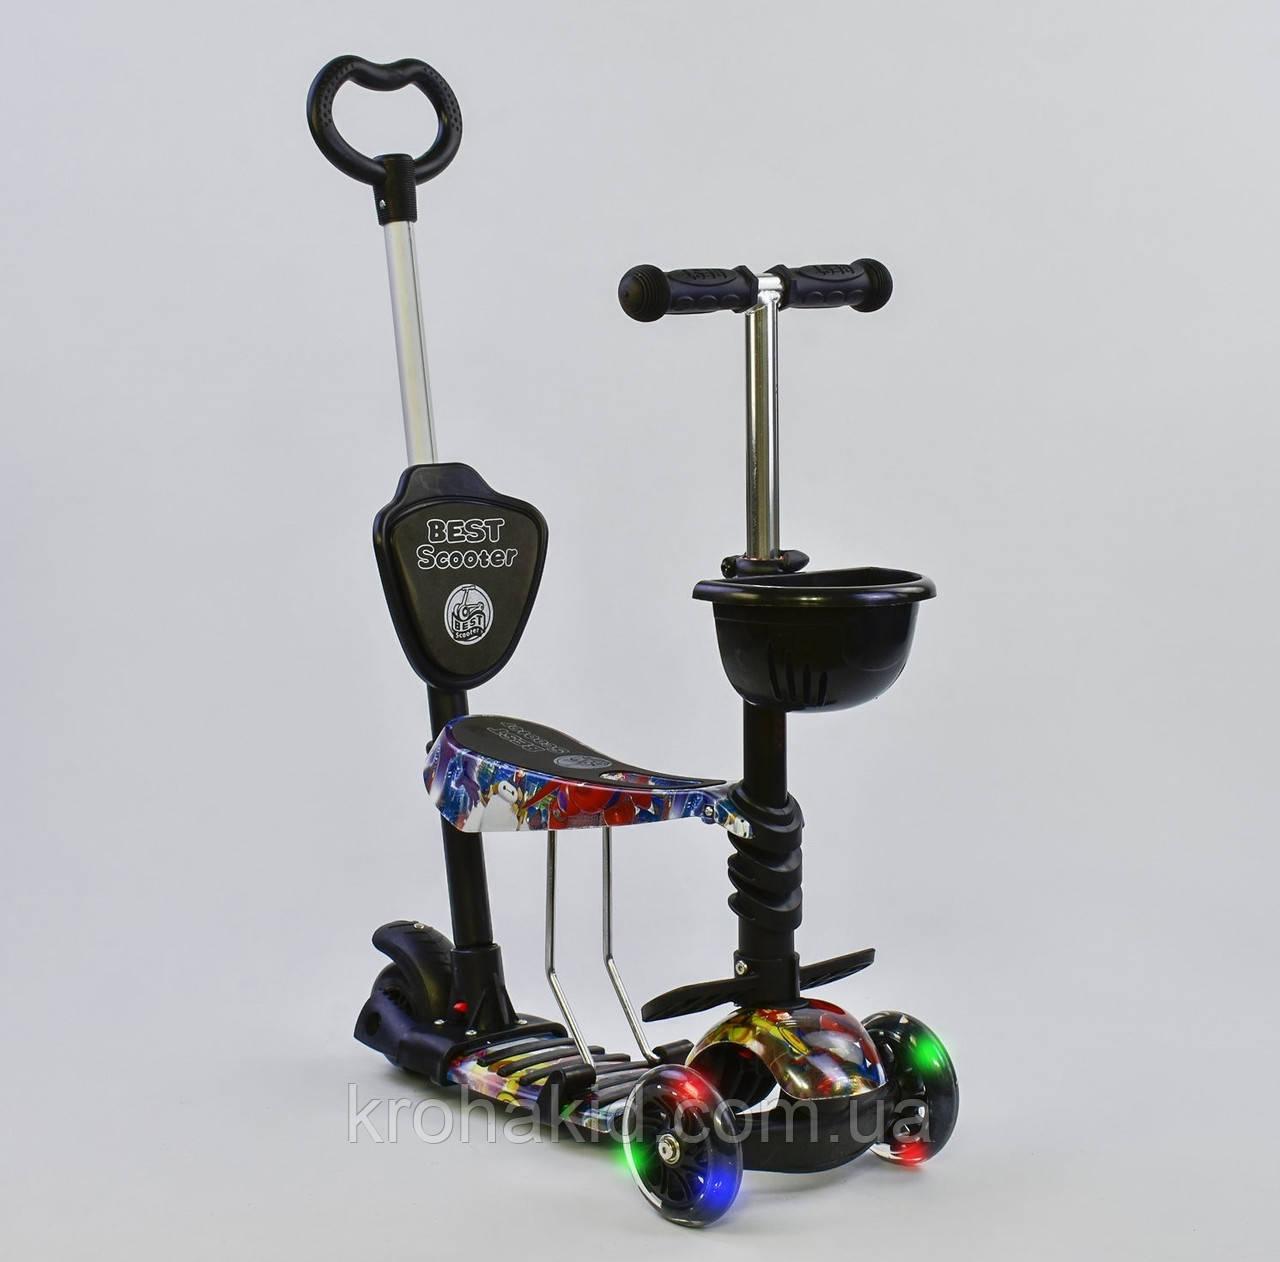 Самокат-беговел  5в1 26900  Best Scooter, АБСТРАКЦИЯ (черный)